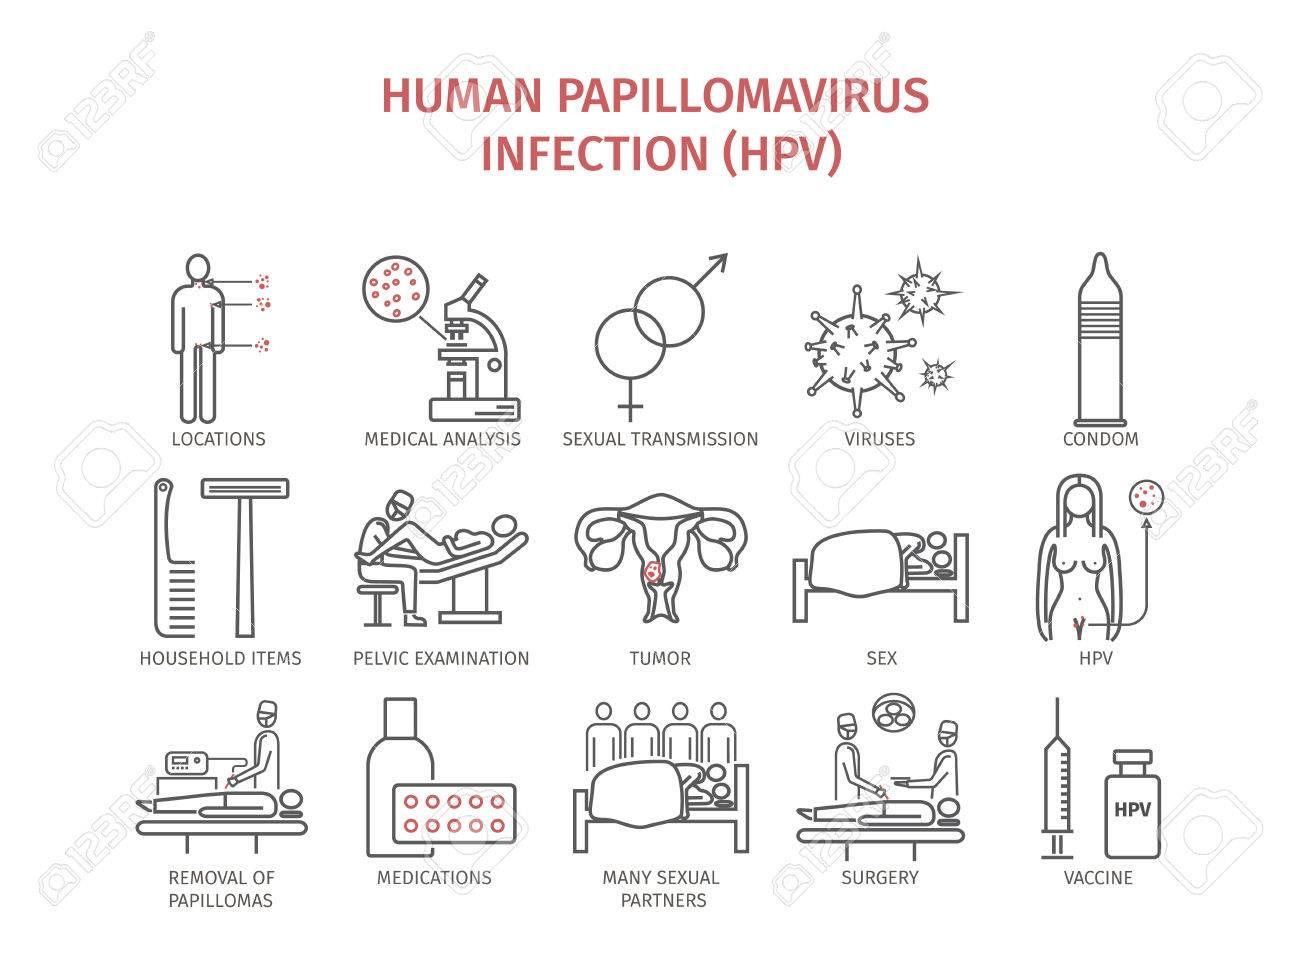 tratamiento infeccion virus papiloma humano